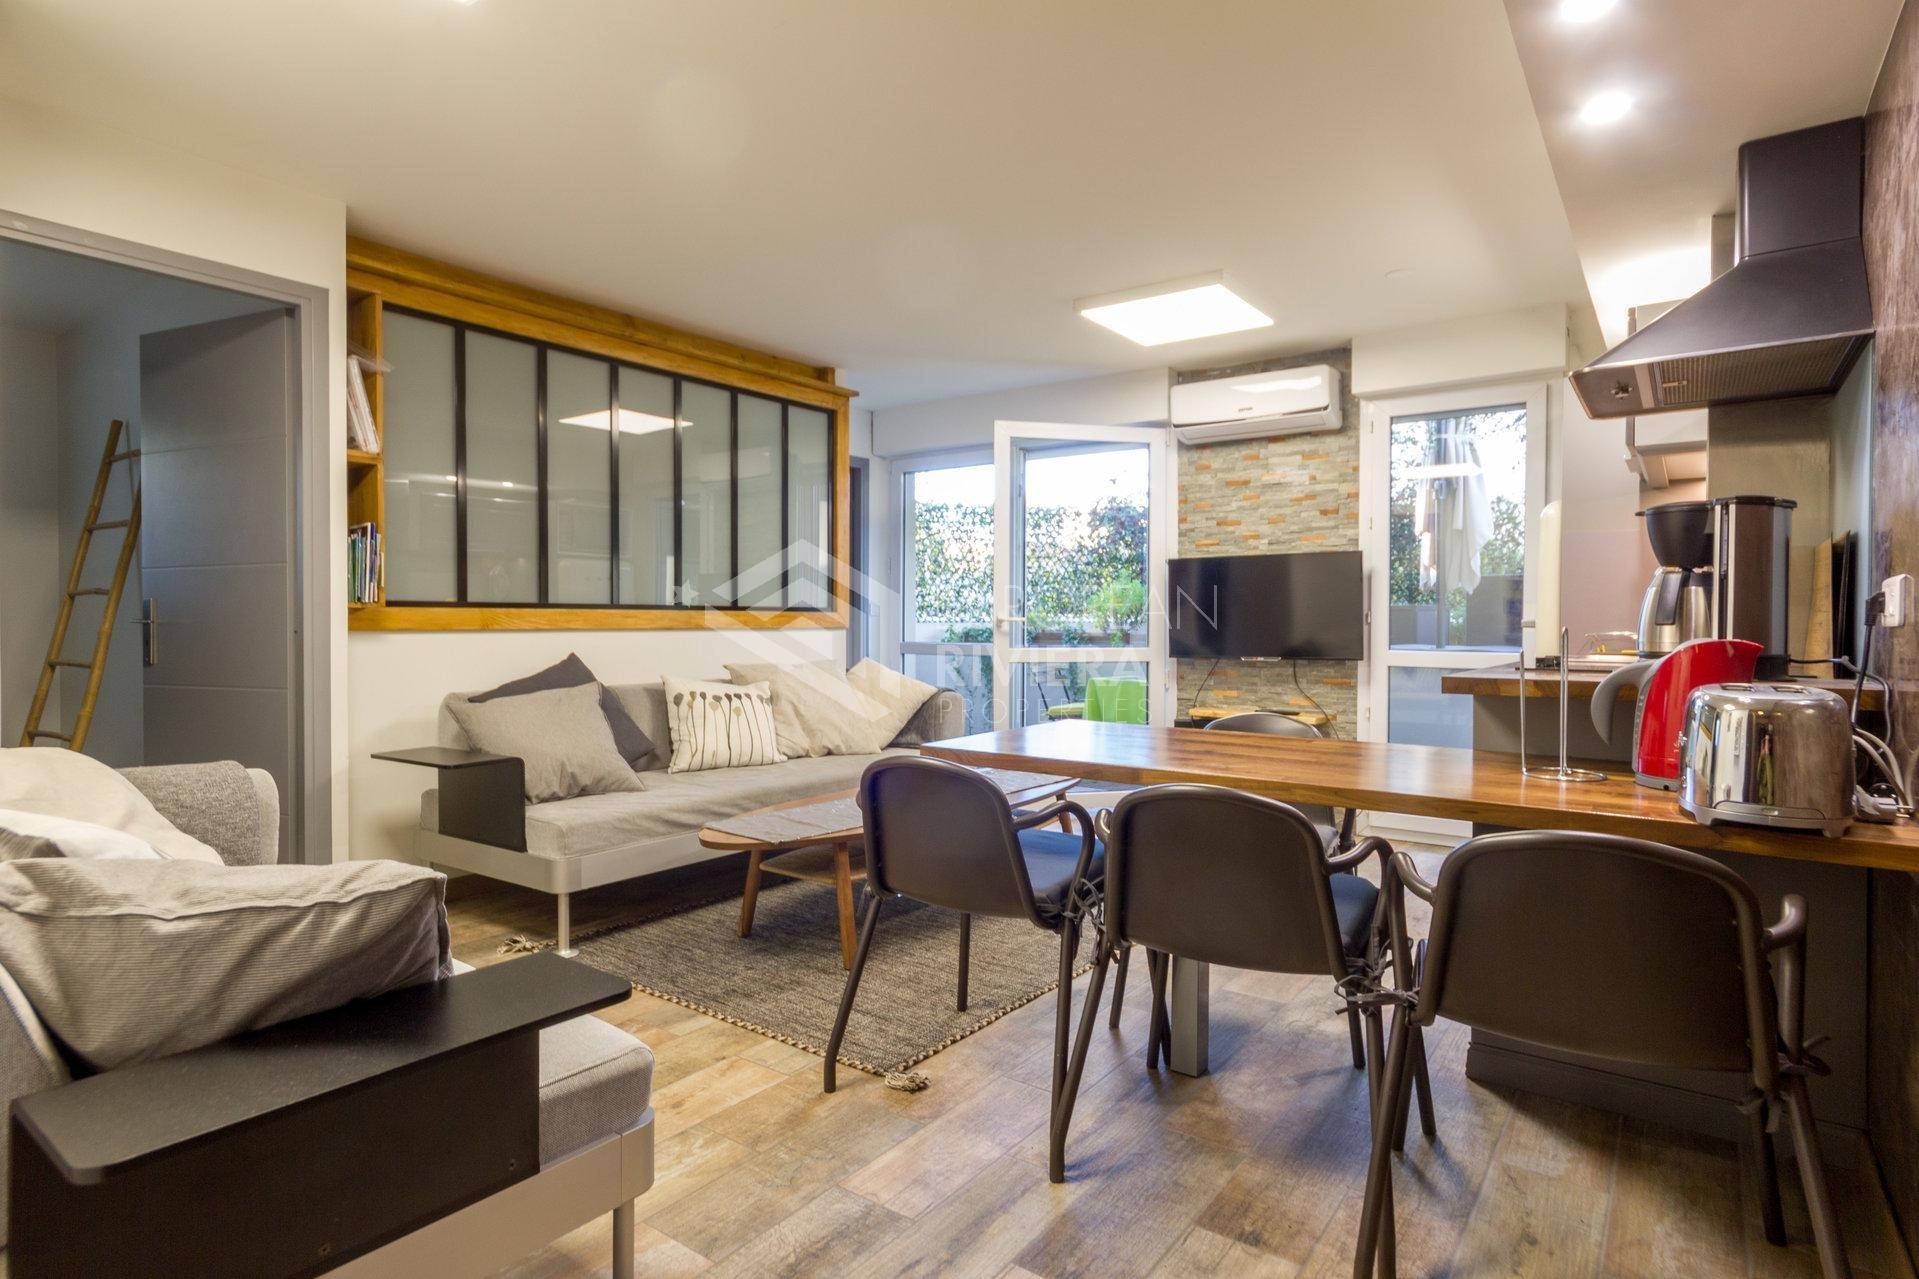 NICE - MAGNAN - Appartement trois pièces meublé avec terrasse